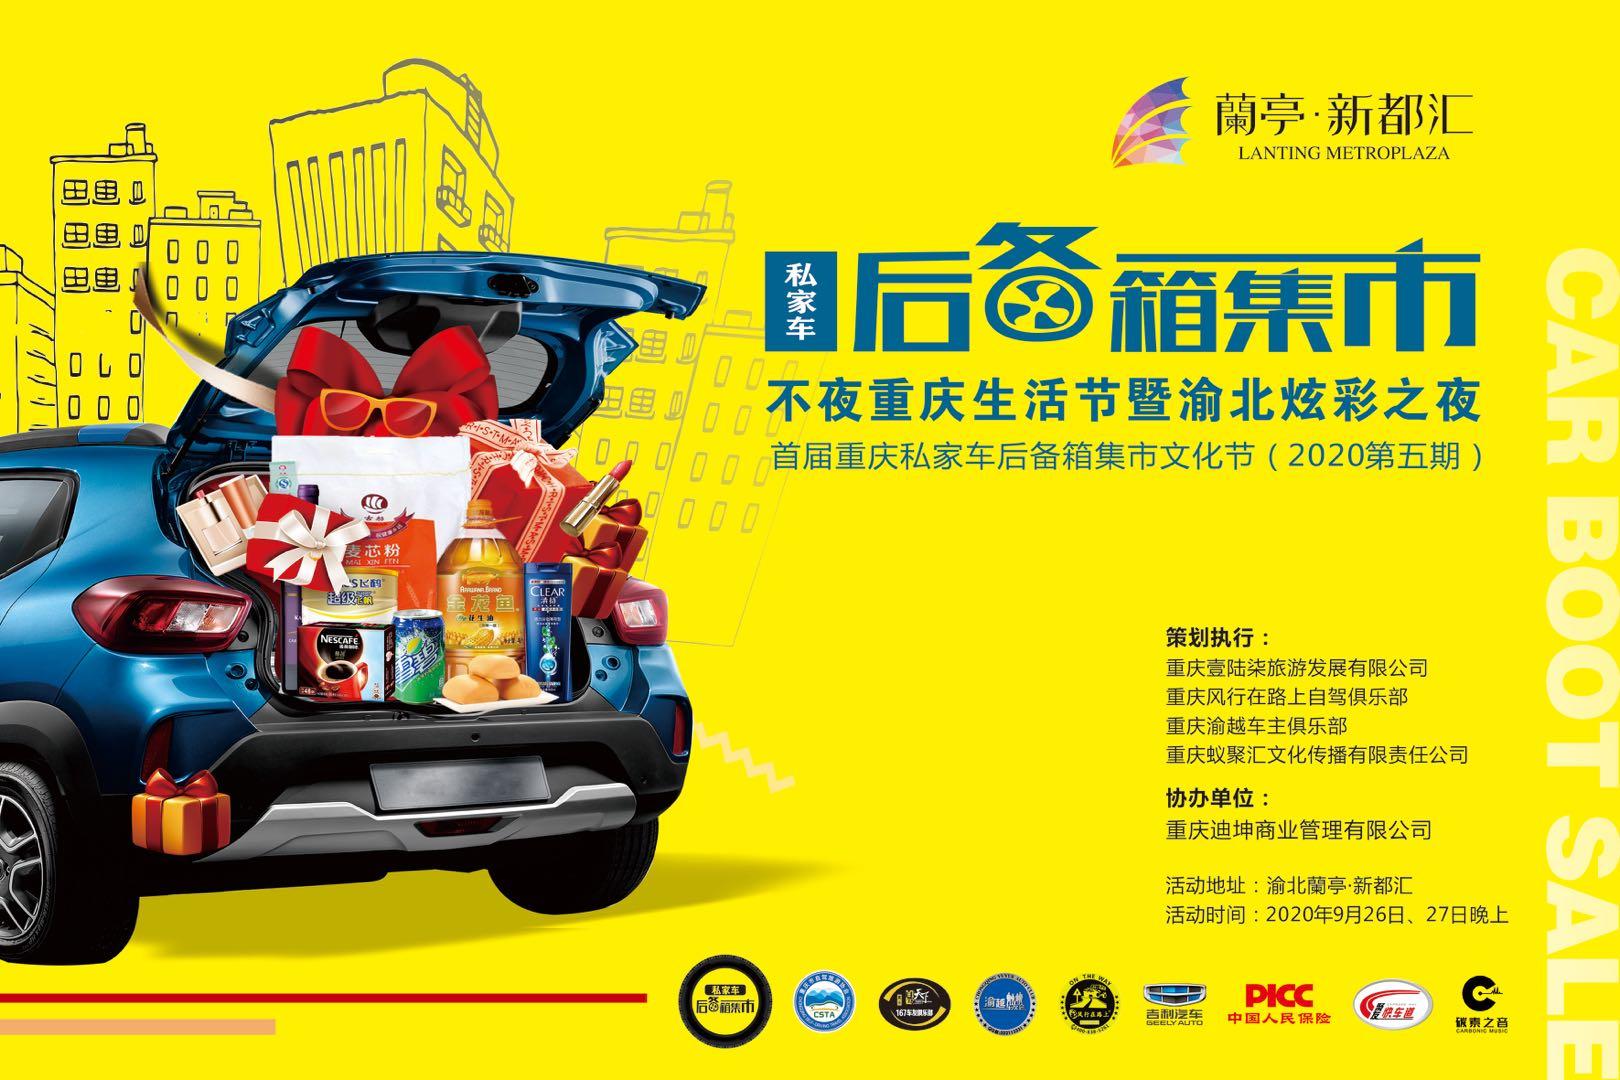 重庆私家车后备箱集市文化节(2020第五期)—走进蘭亭·新都汇